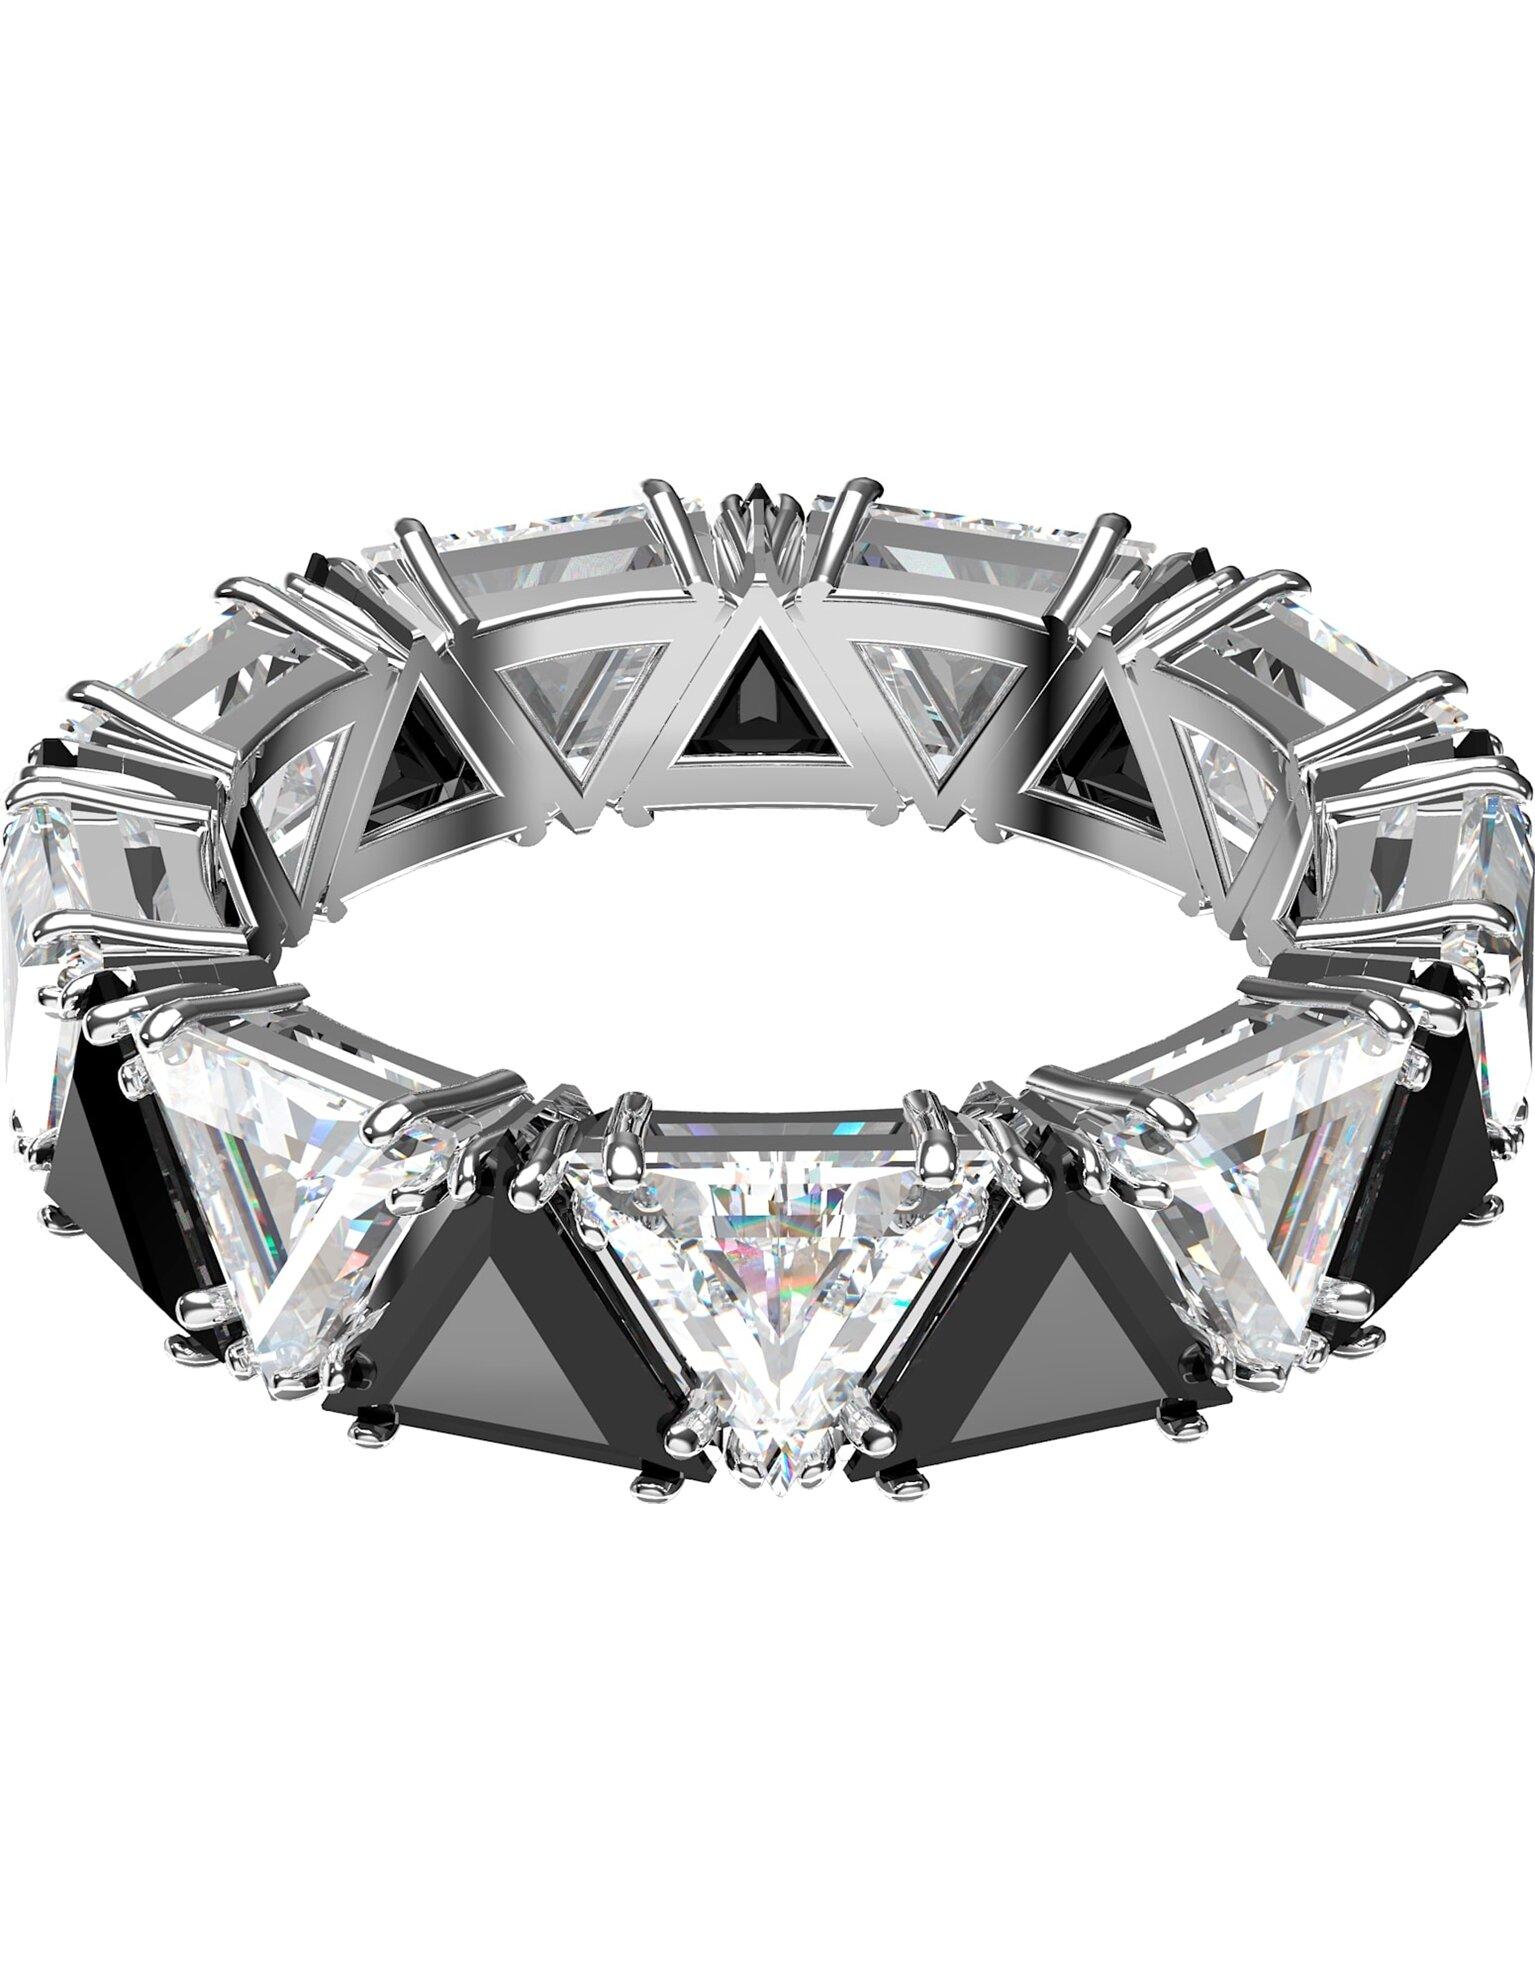 Picture of Millenia Kokteyl Yüzüğü, Üçgen kesim kristaller, Siyah, Rodyum kaplama